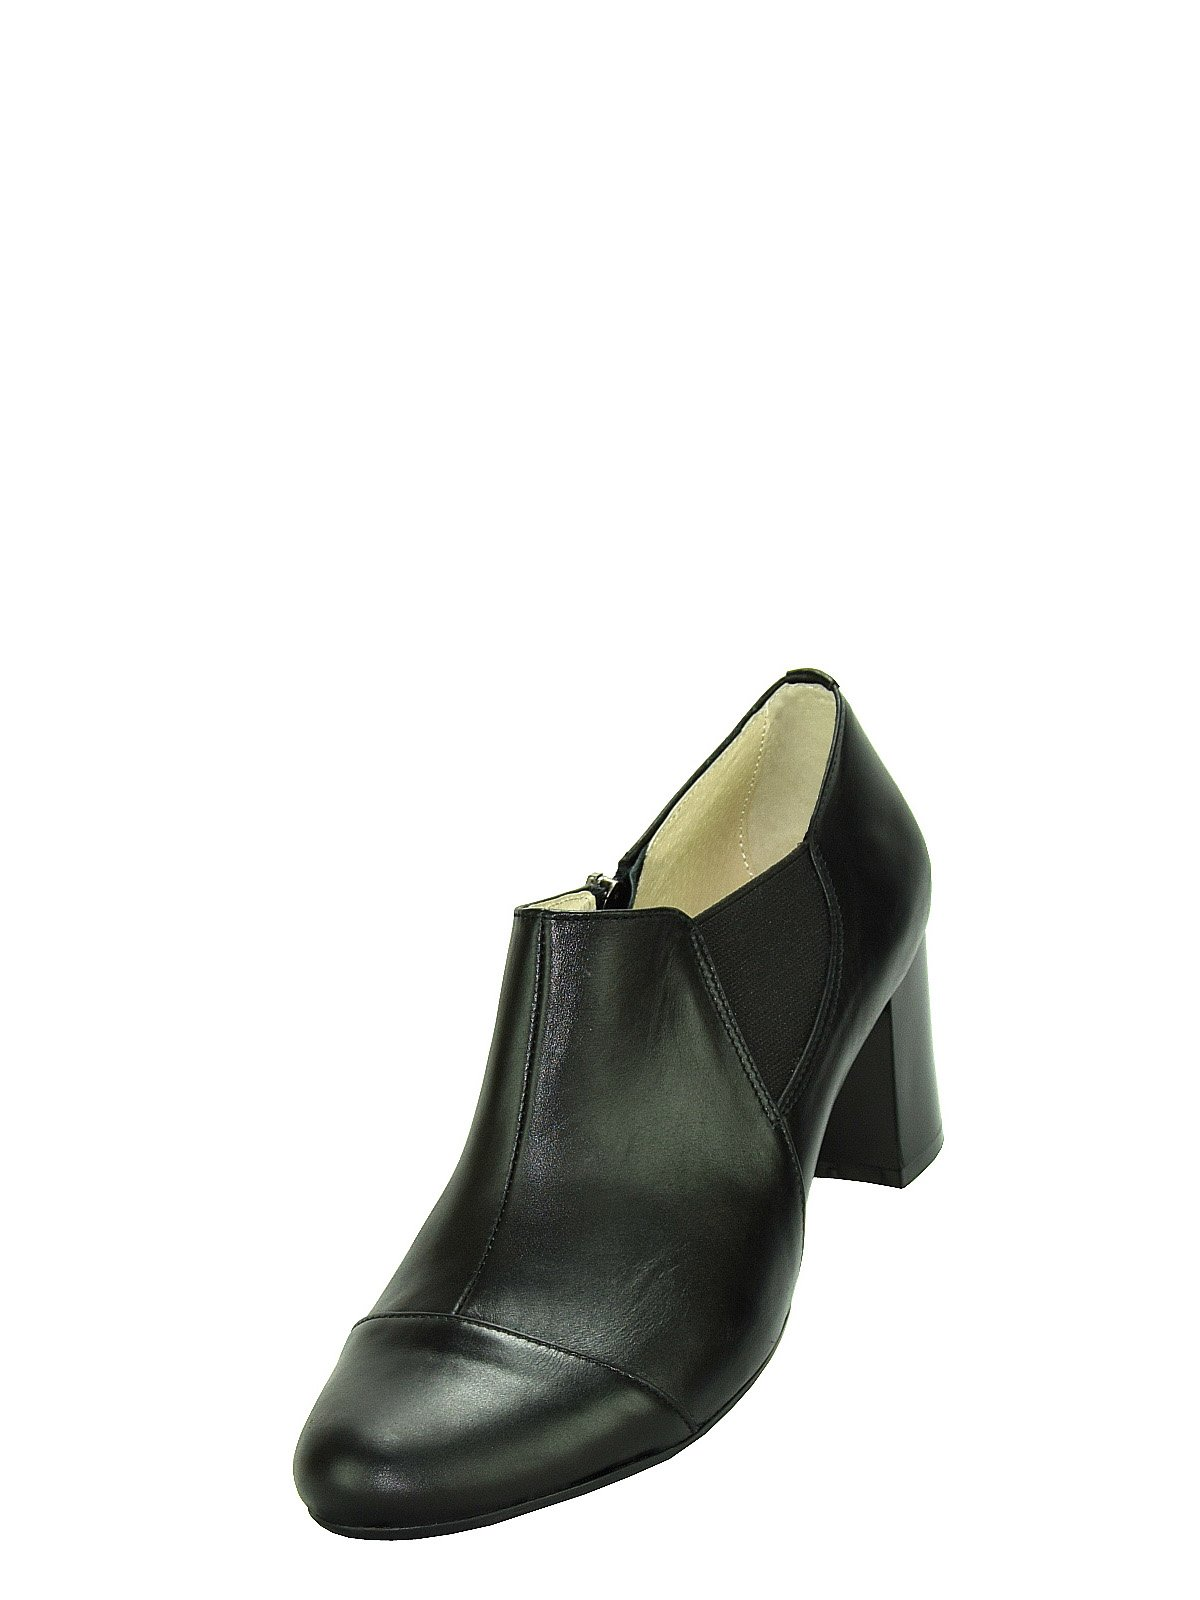 Туфлі чорні | 3533239 | фото 5